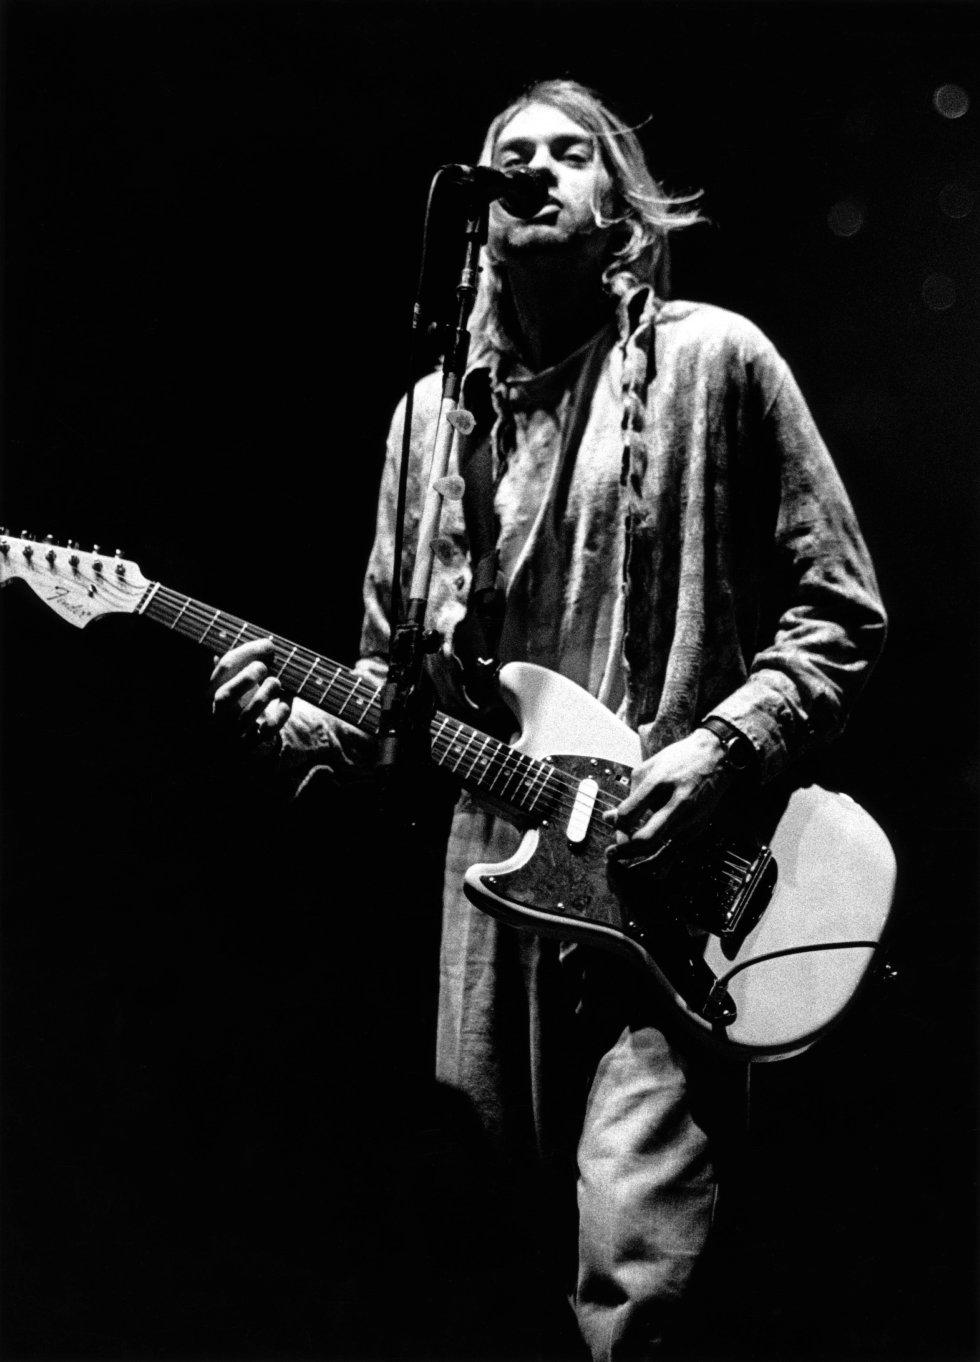 Fue conocido por ser guitarrista, cantante y principal compositor de la banda Nirvana.